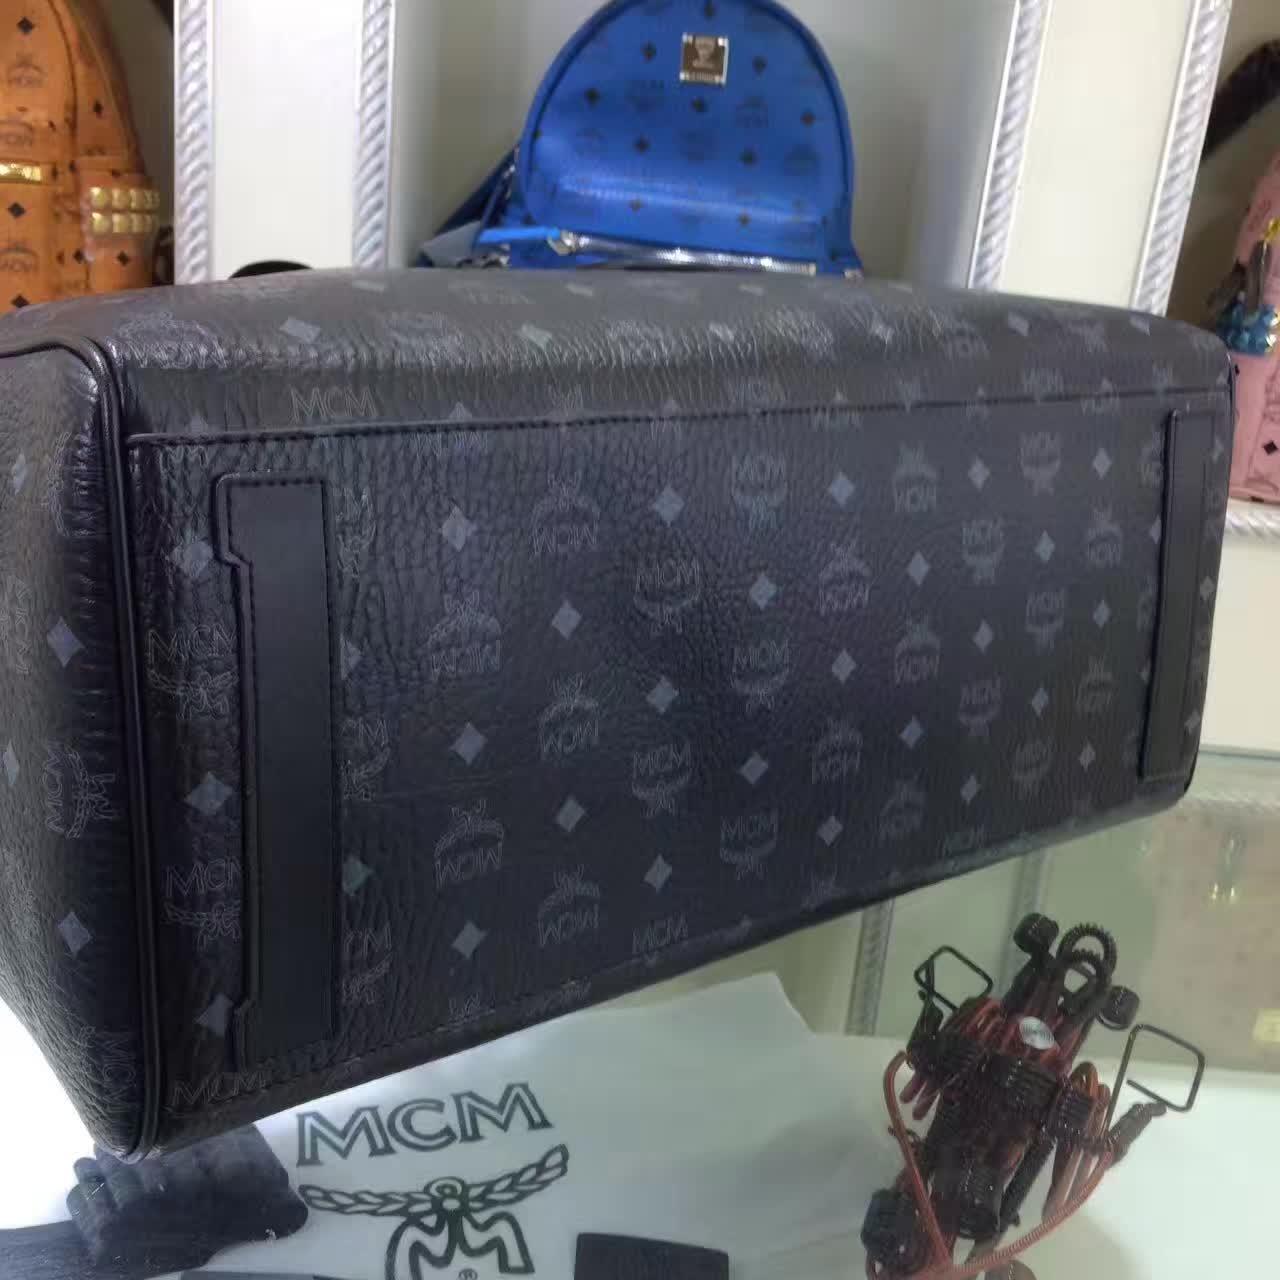 MCM男包 Nomad系列旅行袋 PVC配牛皮内里猪皮 铜牌独立编码 黑色